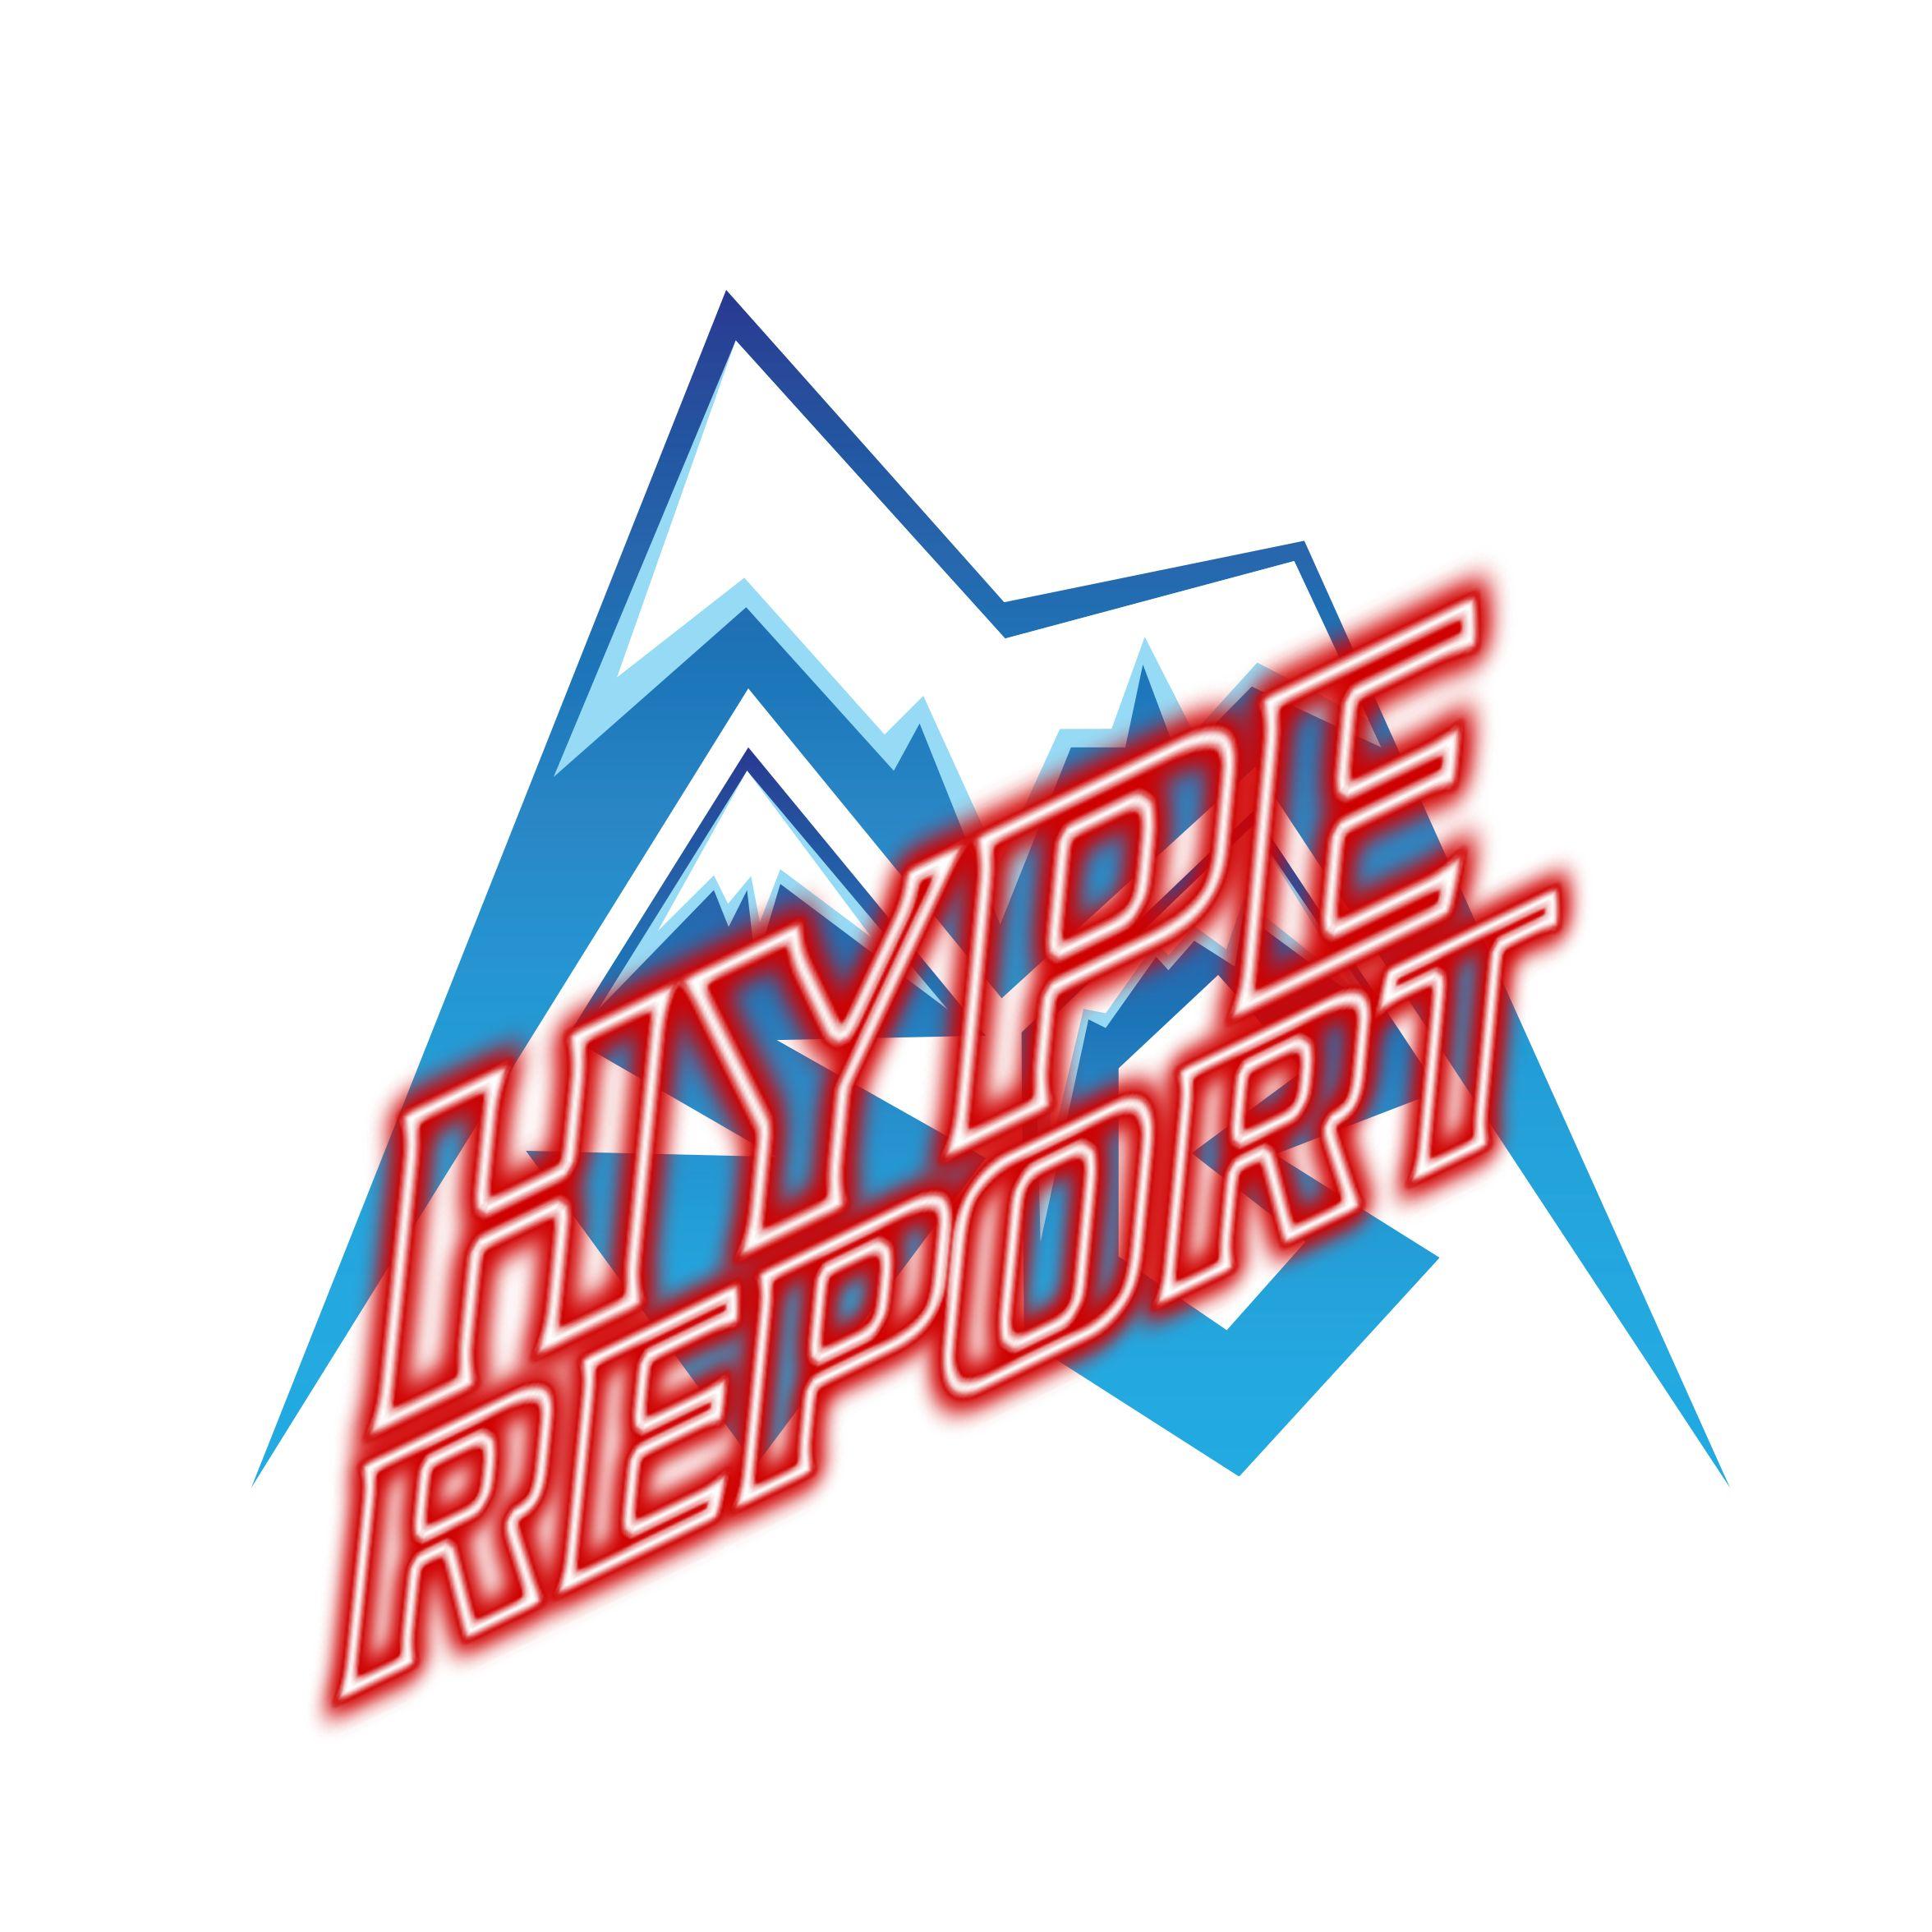 WNBA in NBA 2K20 - Hype Report August 13,2019